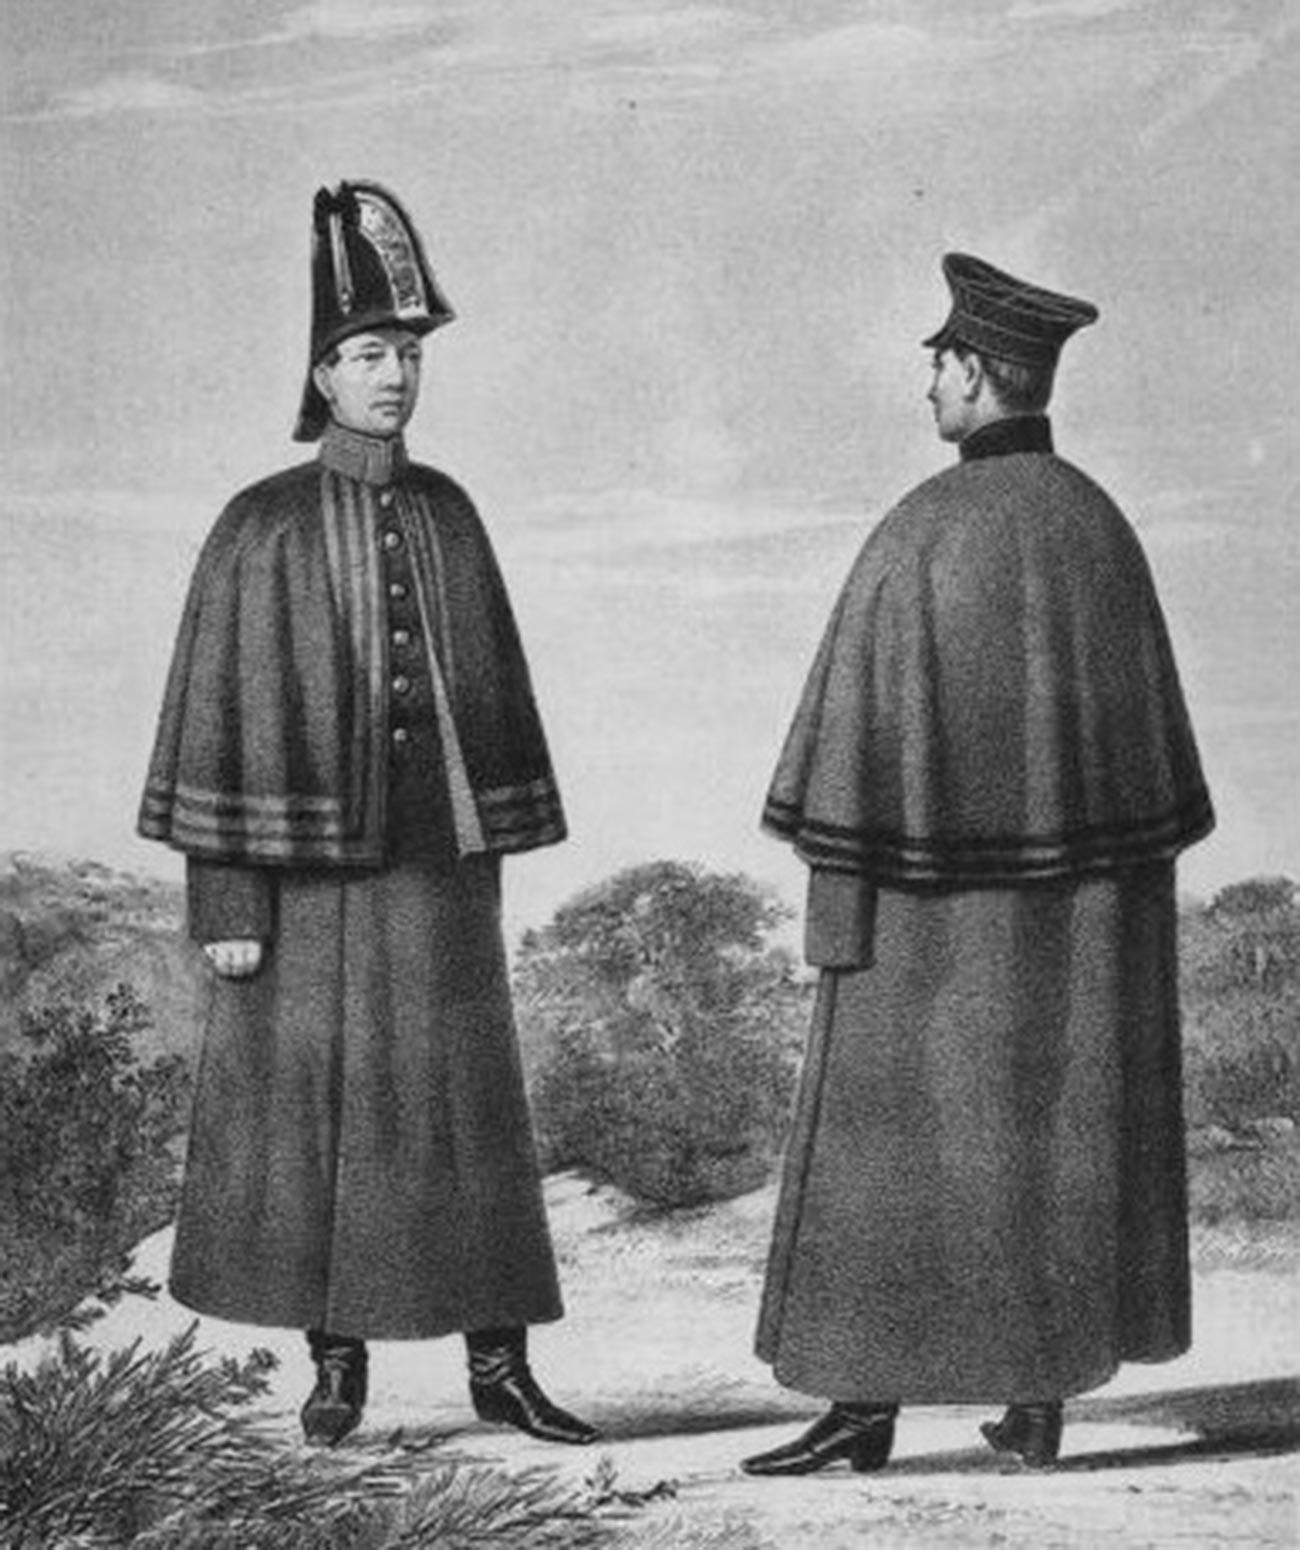 Gravura retratando soldados-serventes uniformizados da Guarda Imperial (esq.) e do Exército Imperial (dir.), 1825-1855.